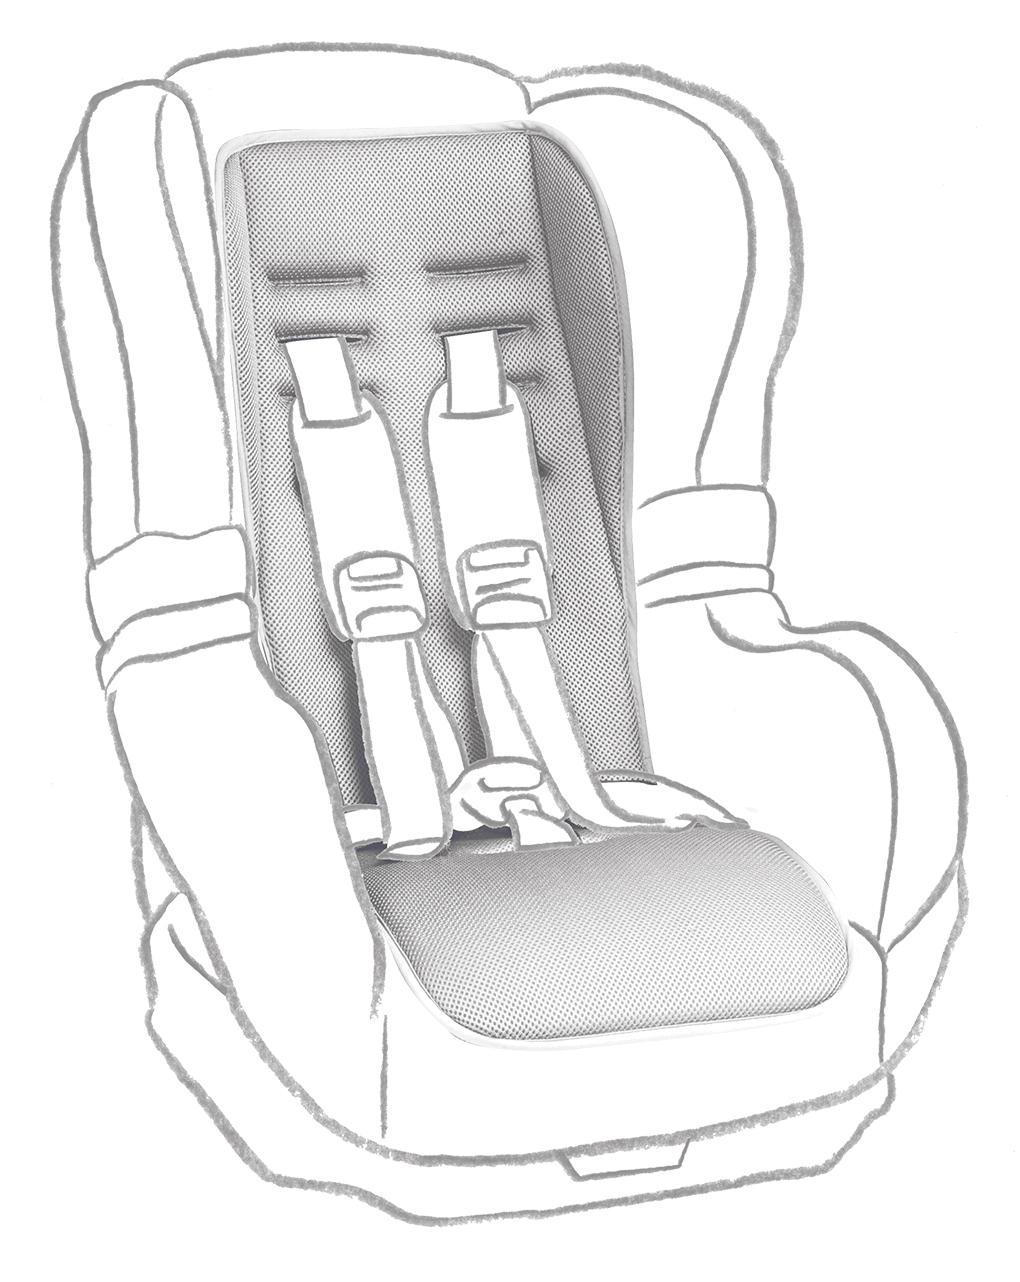 Materassino in spugna per seggiolino auto - Giordani